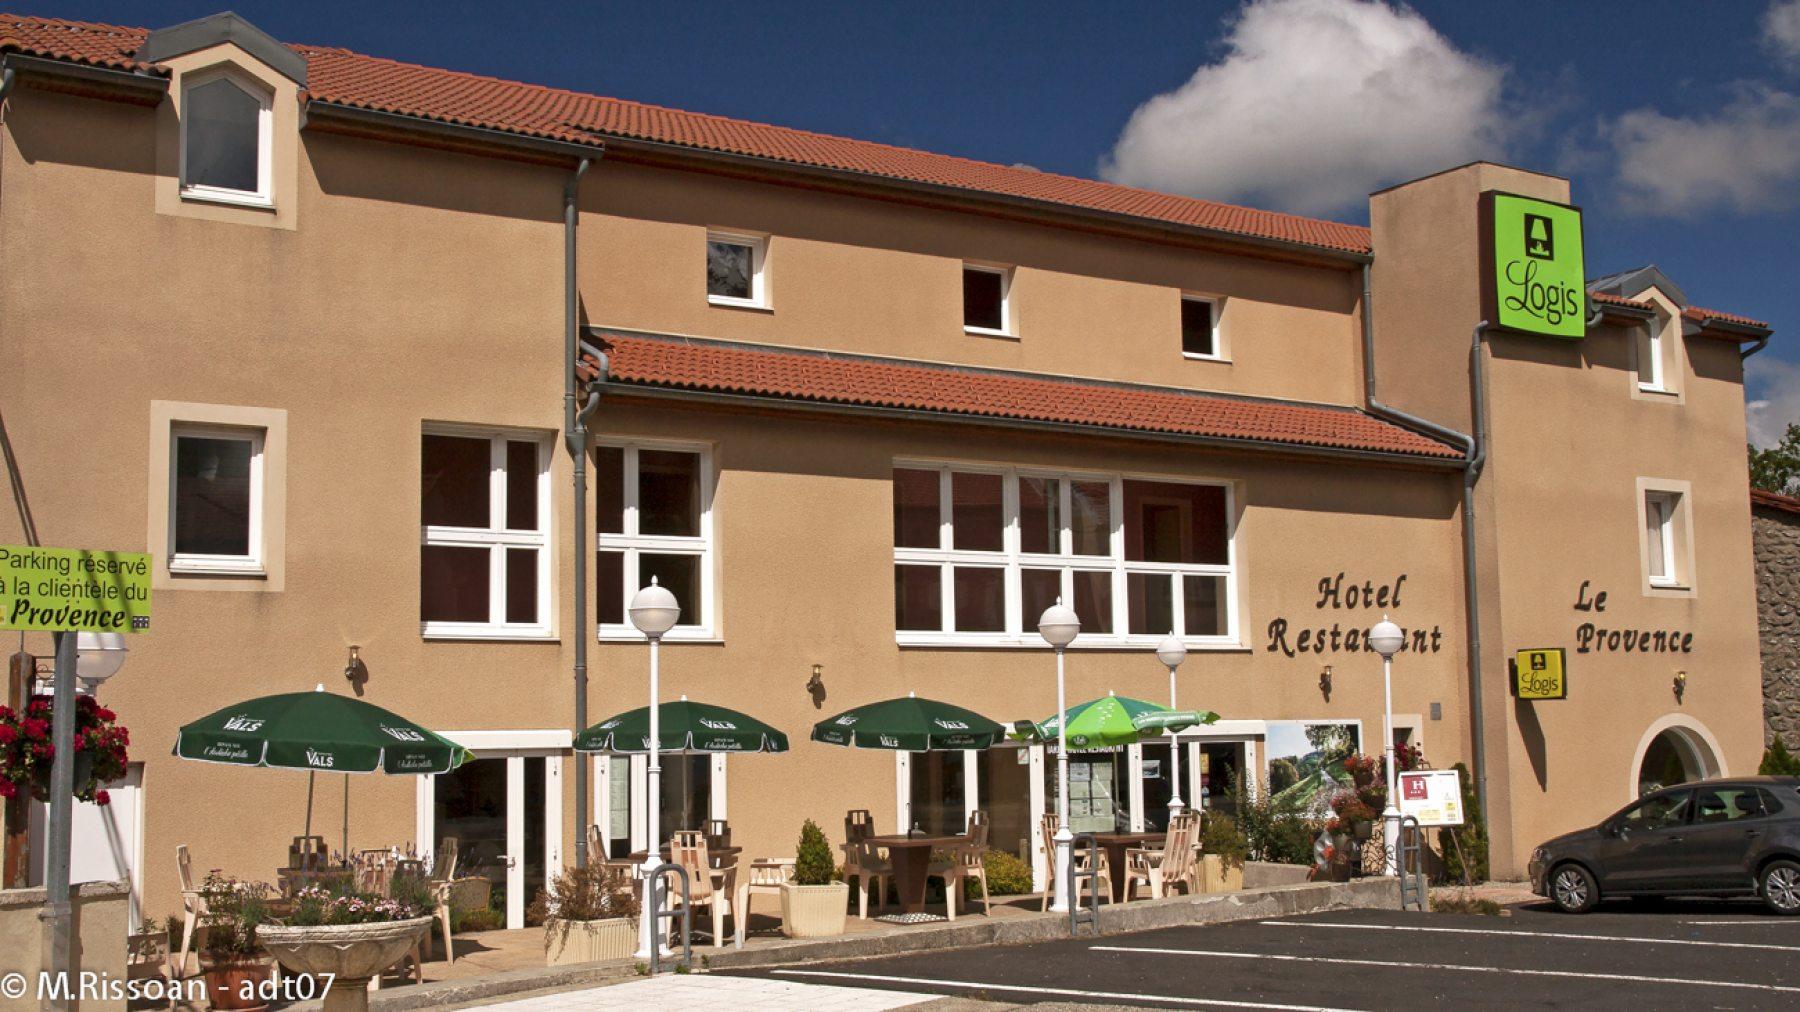 Hôtel Spa Restaurant le Provence